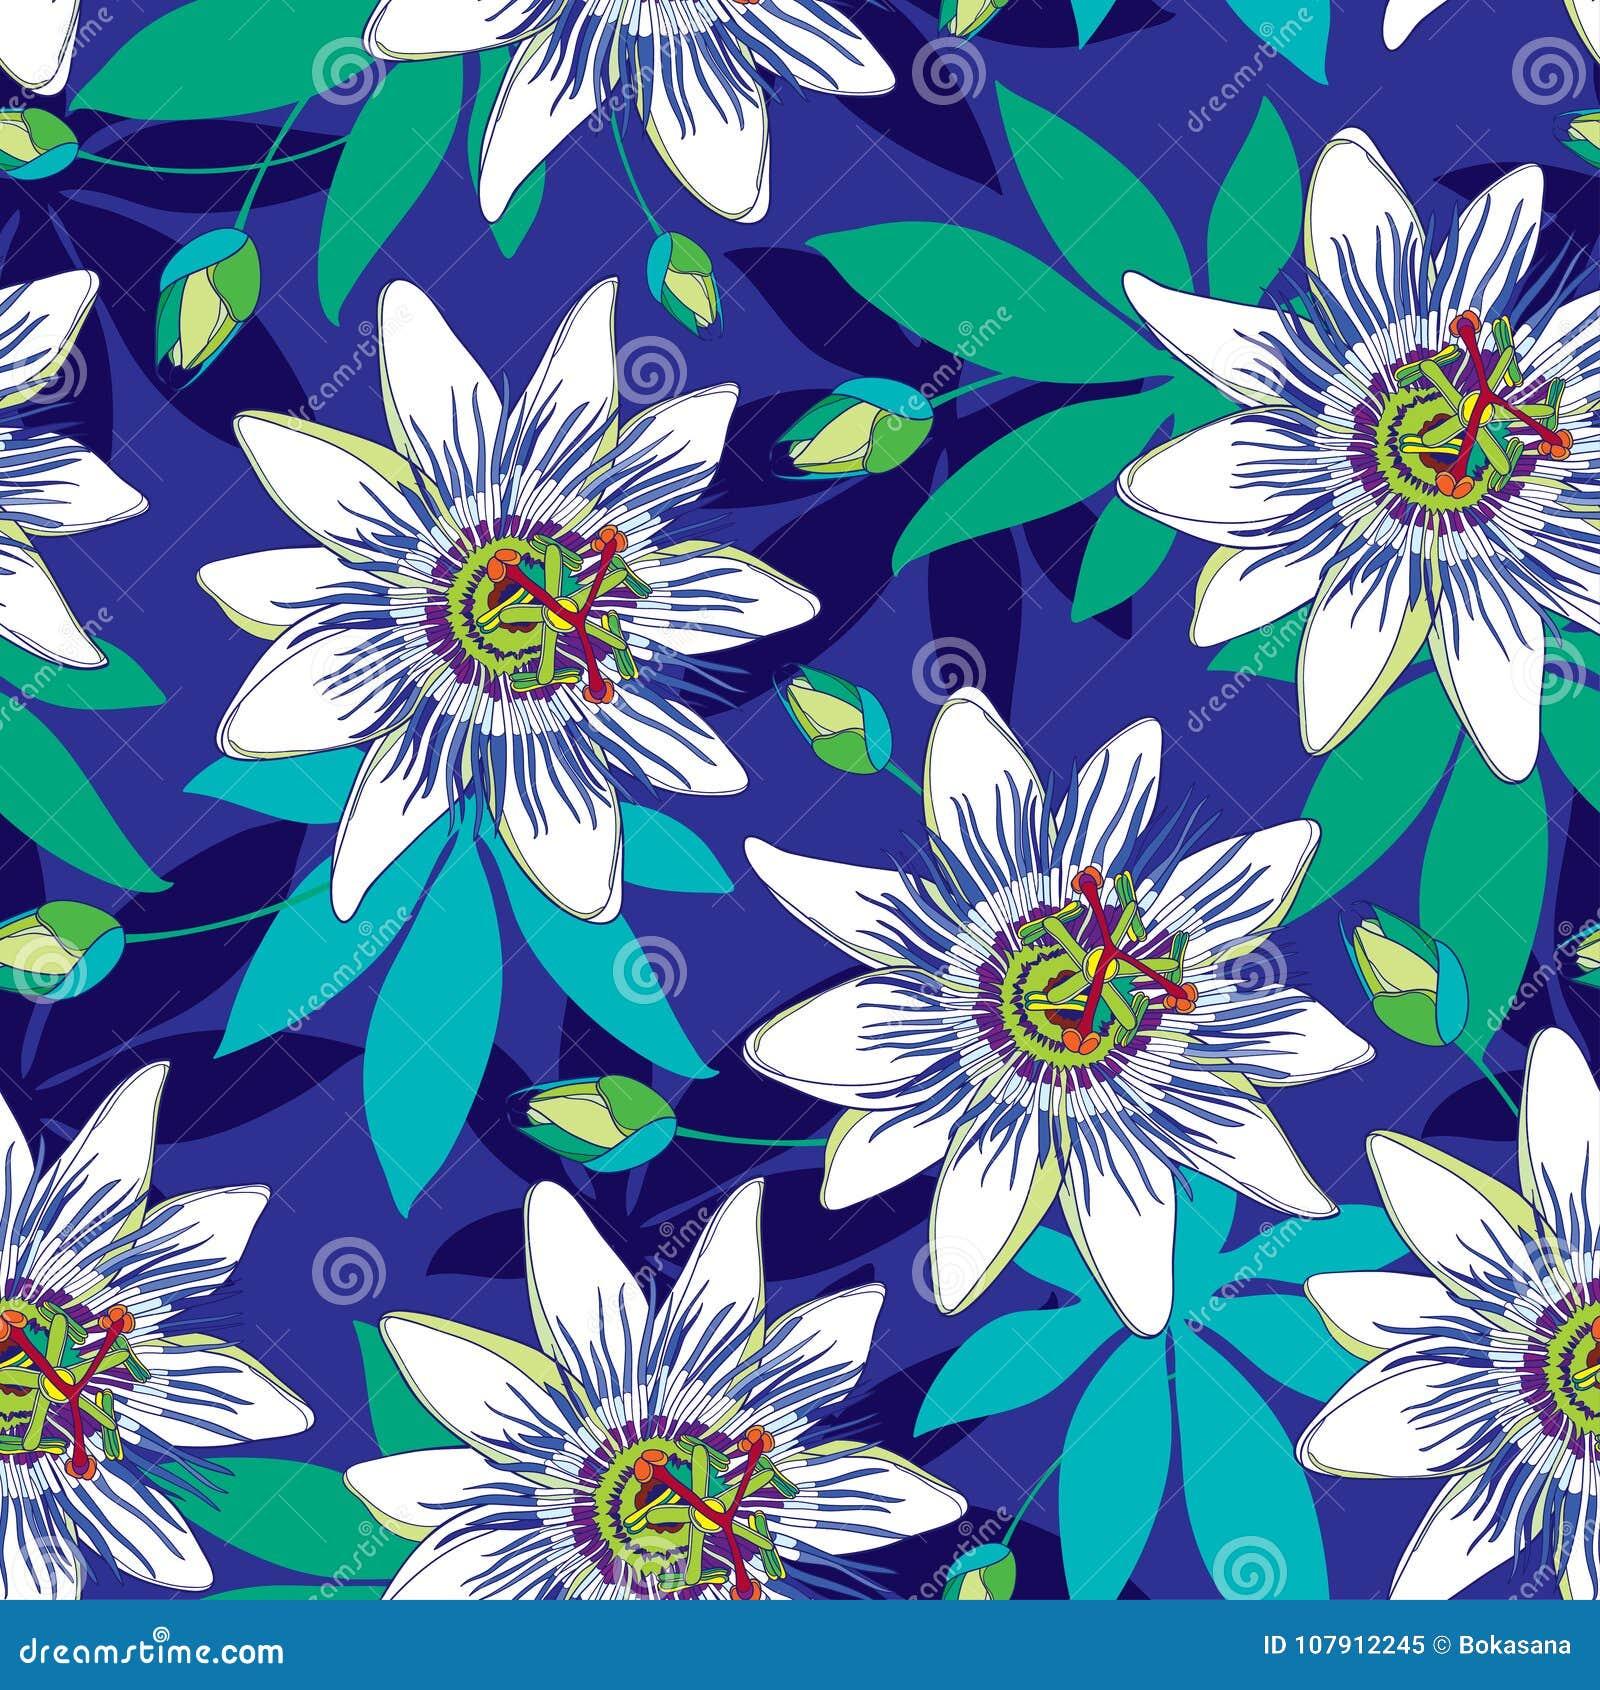 Het vector naadloze patroon met van de overzichts tropische Passiebloem of Hartstocht bloemen in blauw en wit, ontluikt en blader